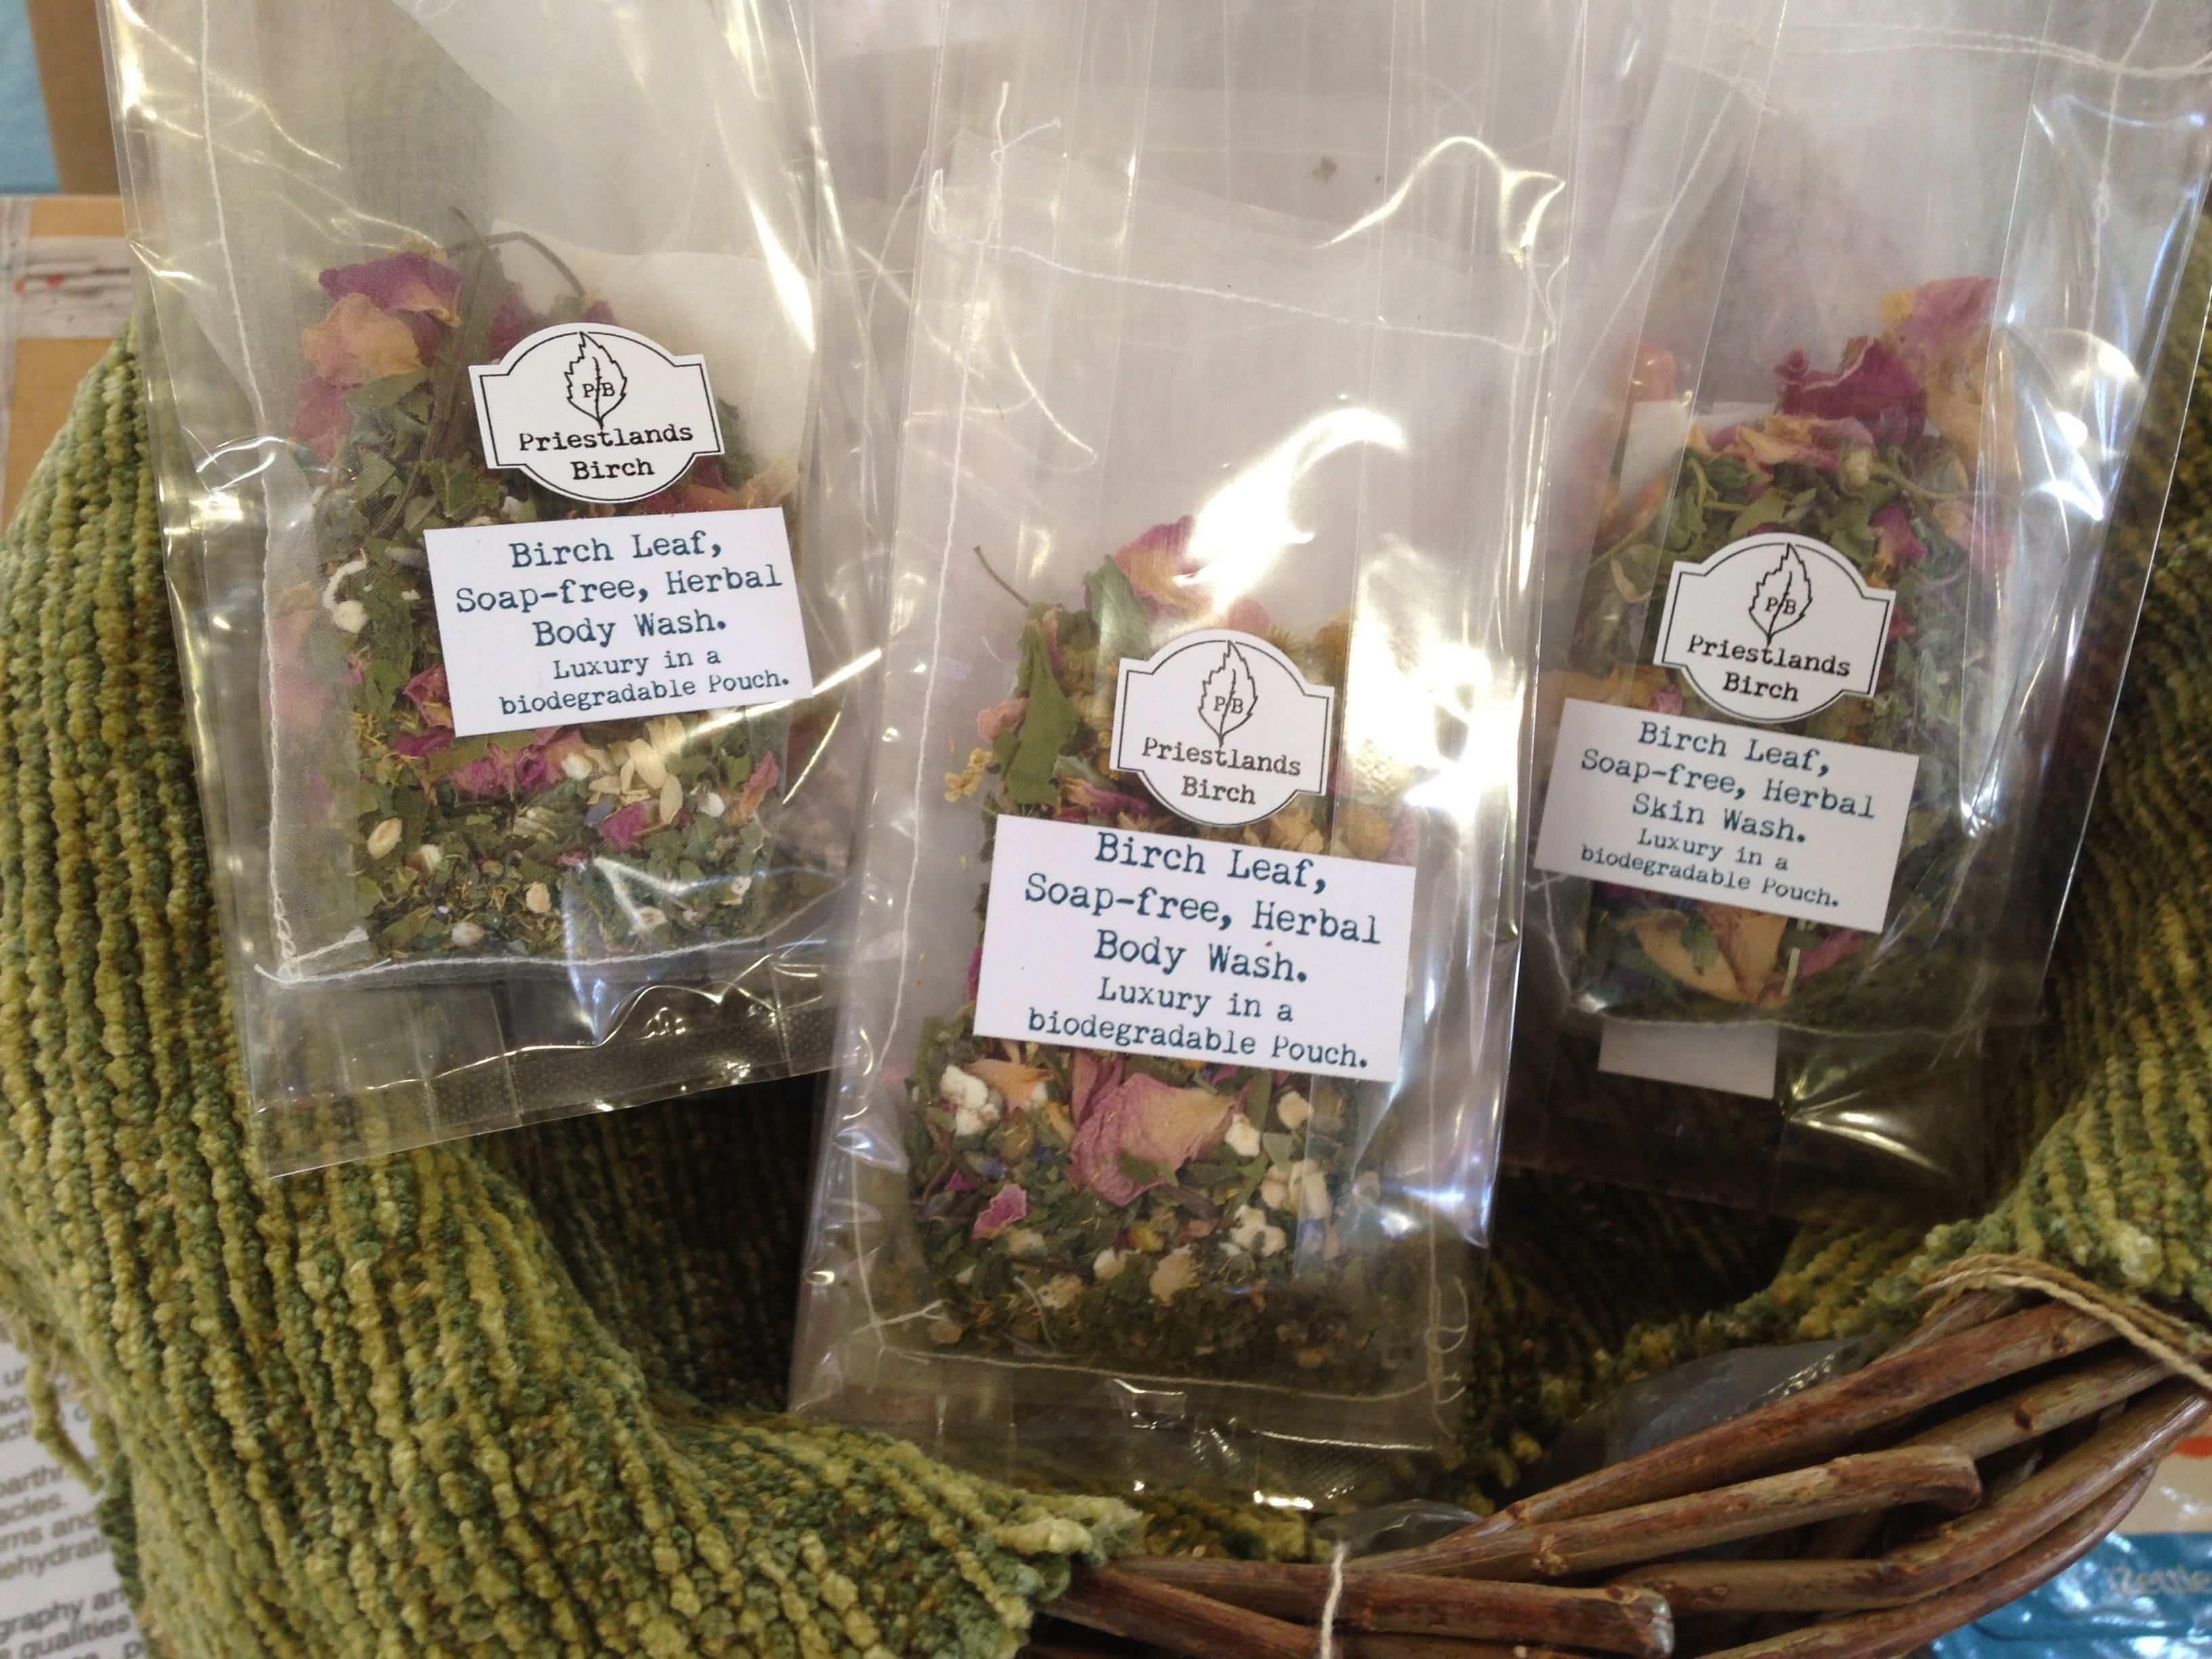 Birch leaf, soap-free, herbal body wash pouch.